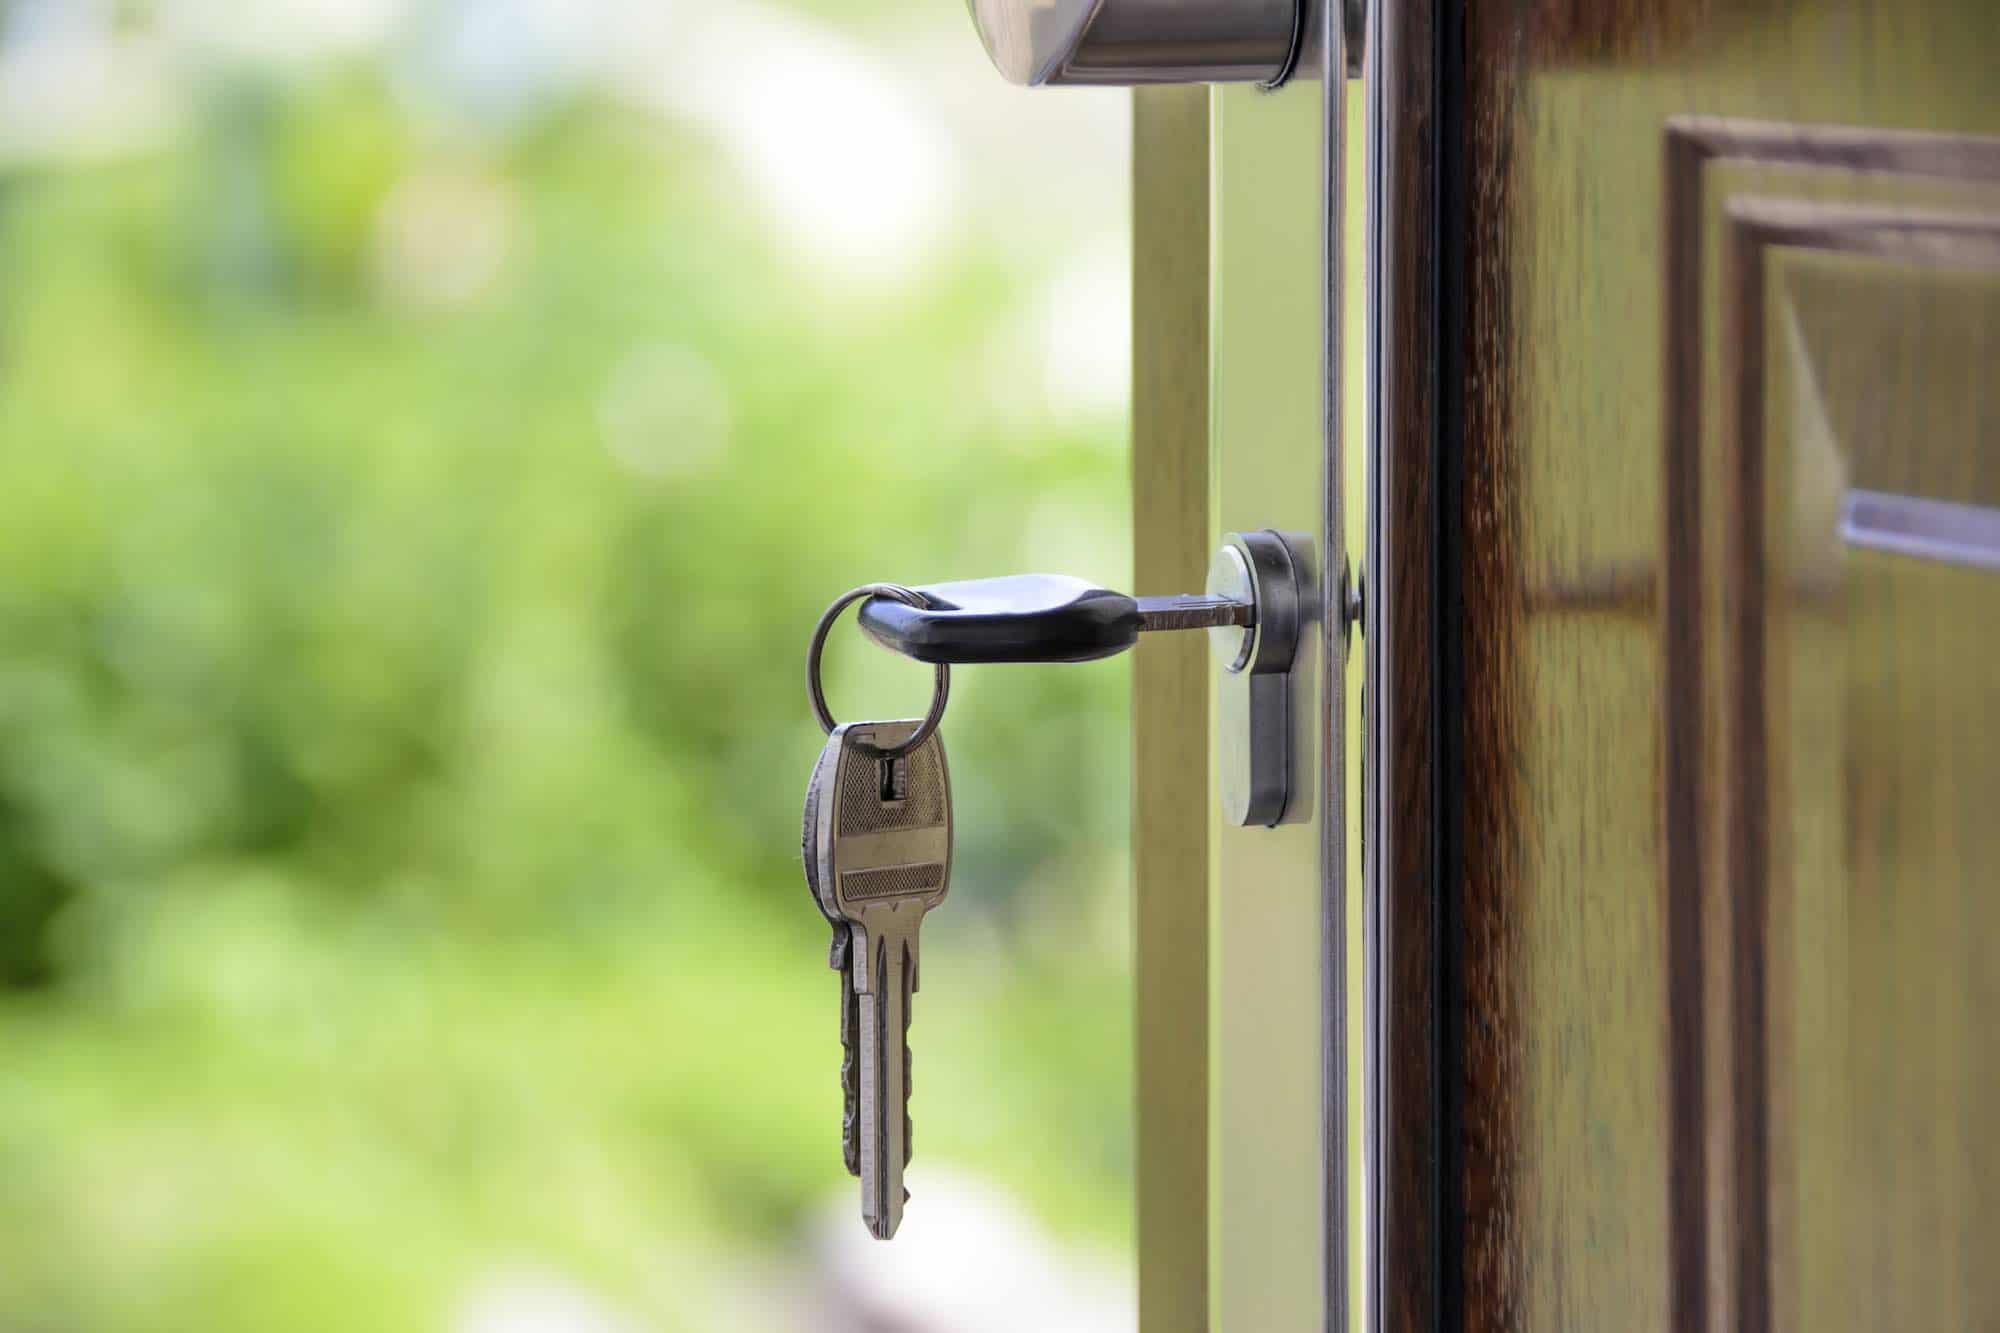 Ehepaar sucht 2-3 Zimmer Wohnung in Augsburg/Pfersee